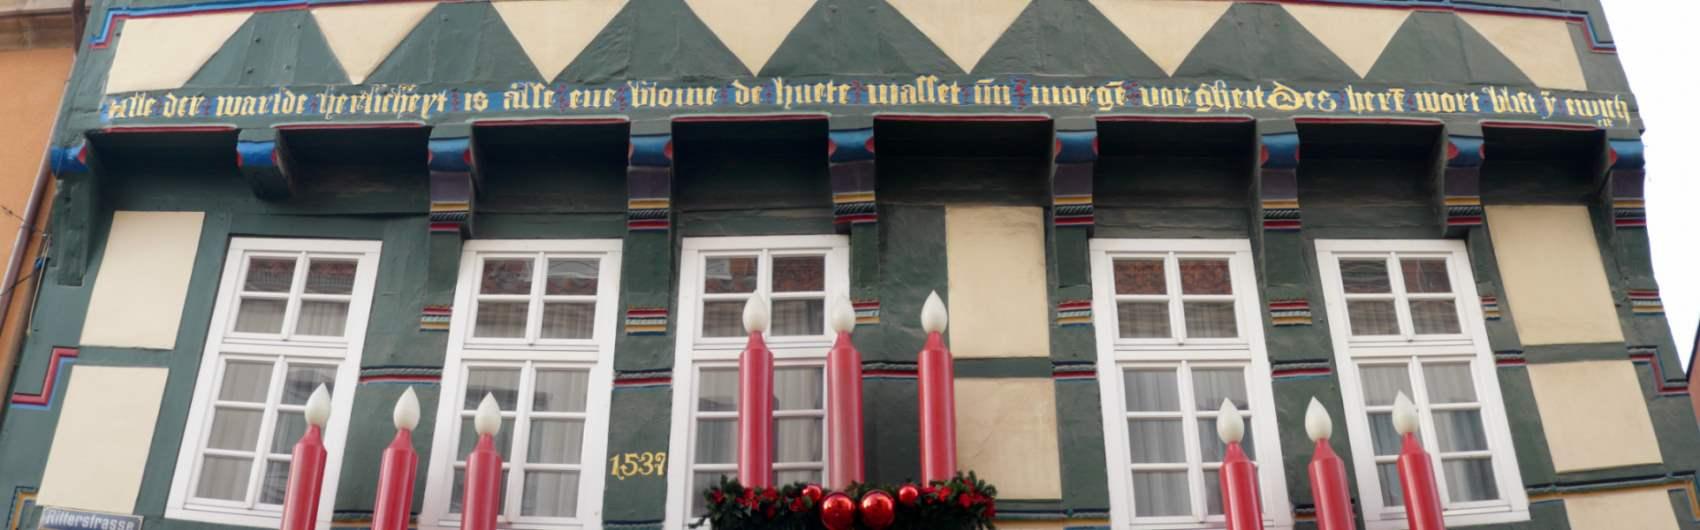 Mittelniederdeutsch - Fachwerkhaus in Hameln